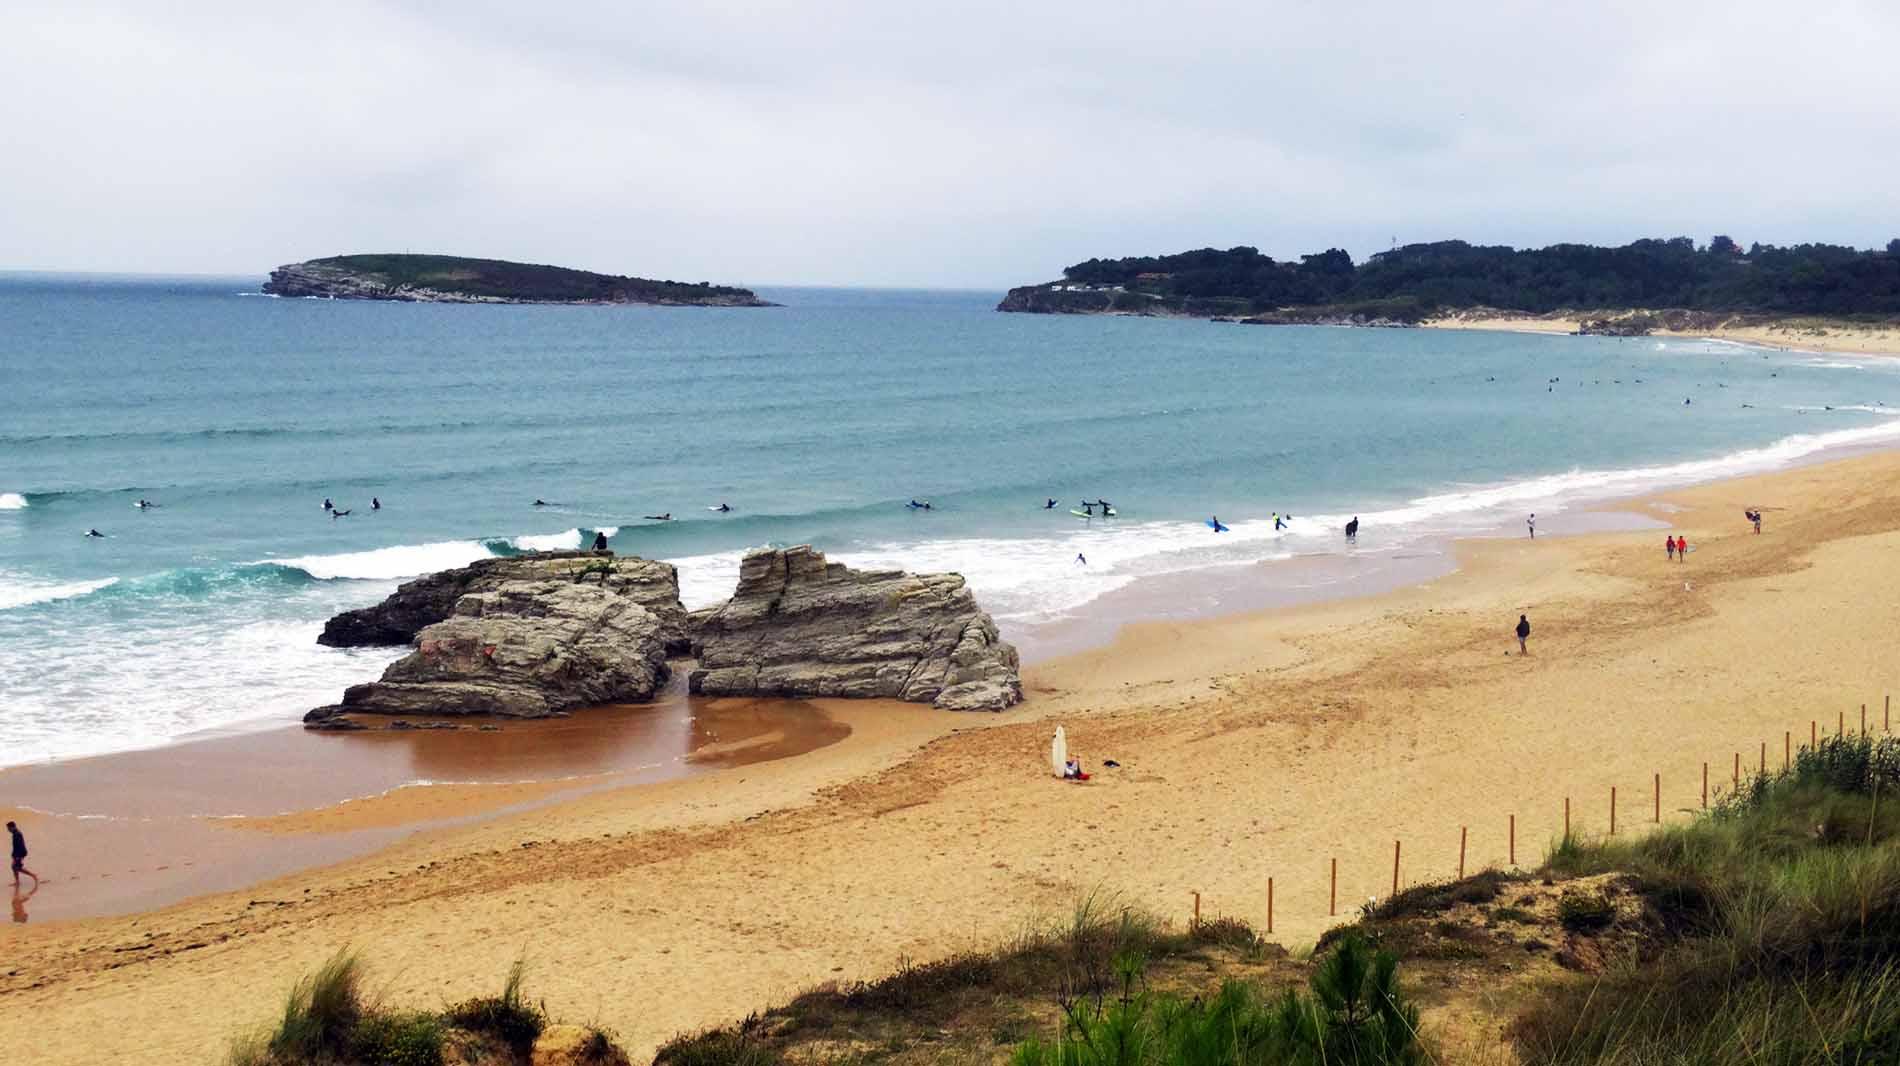 SurfCamp en Somo y Loredo - Playa de Somo - LaWaveSurf